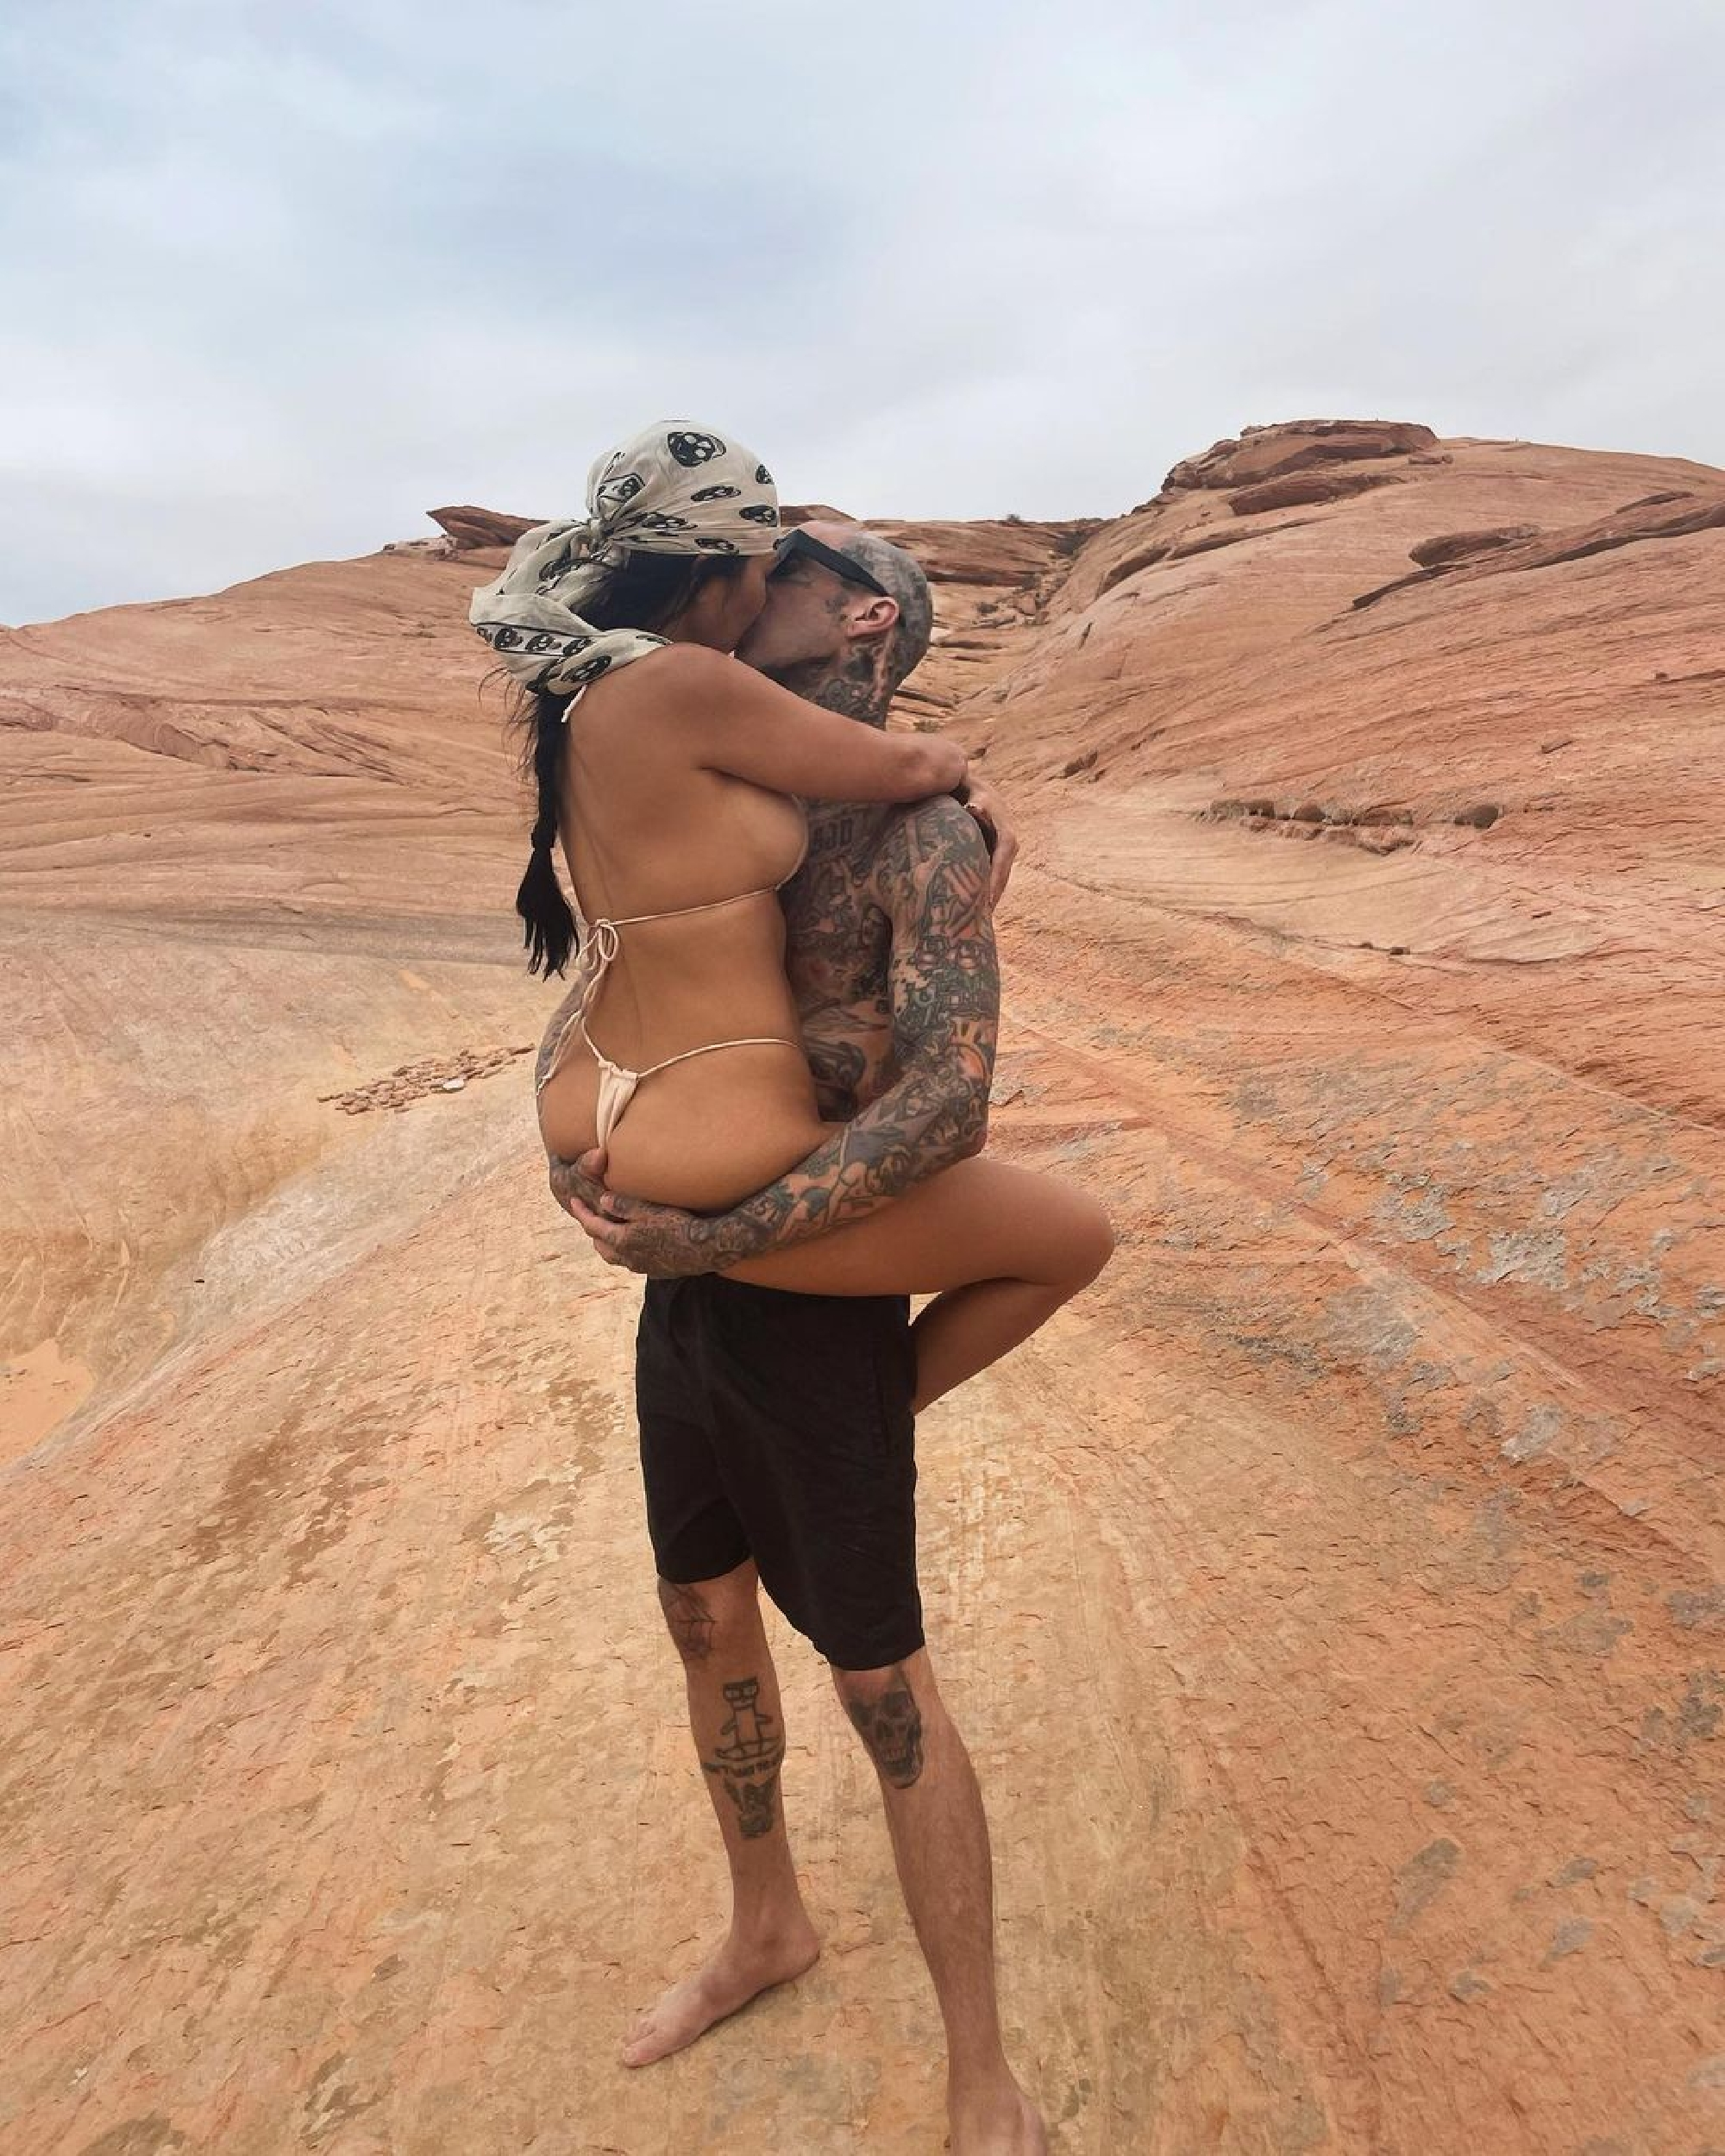 Žhavá fotka Kourtney Kardashian a Travise Barkera v poušti!